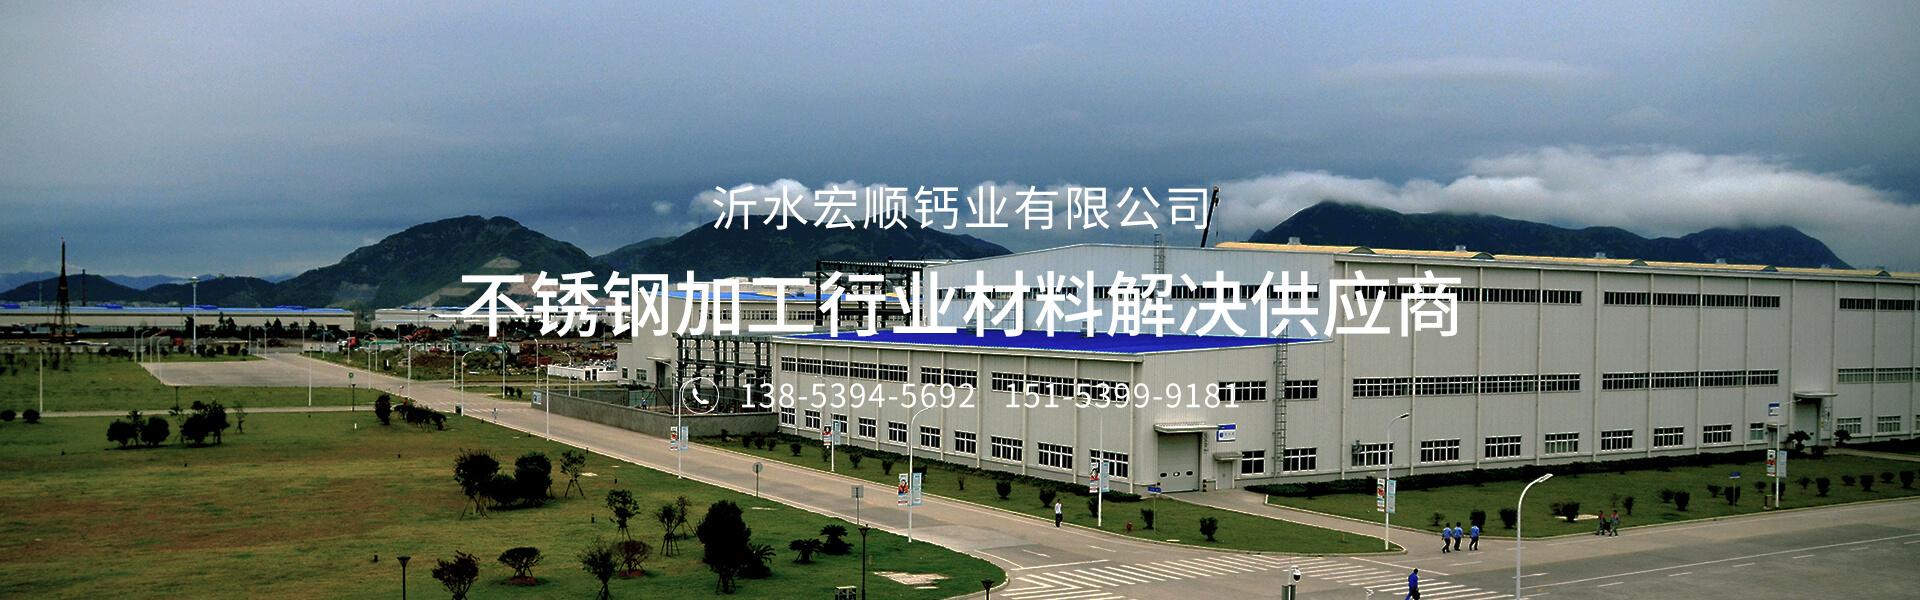 山东氧化钙粉,山东重钙,重钙粉,重钙厂家